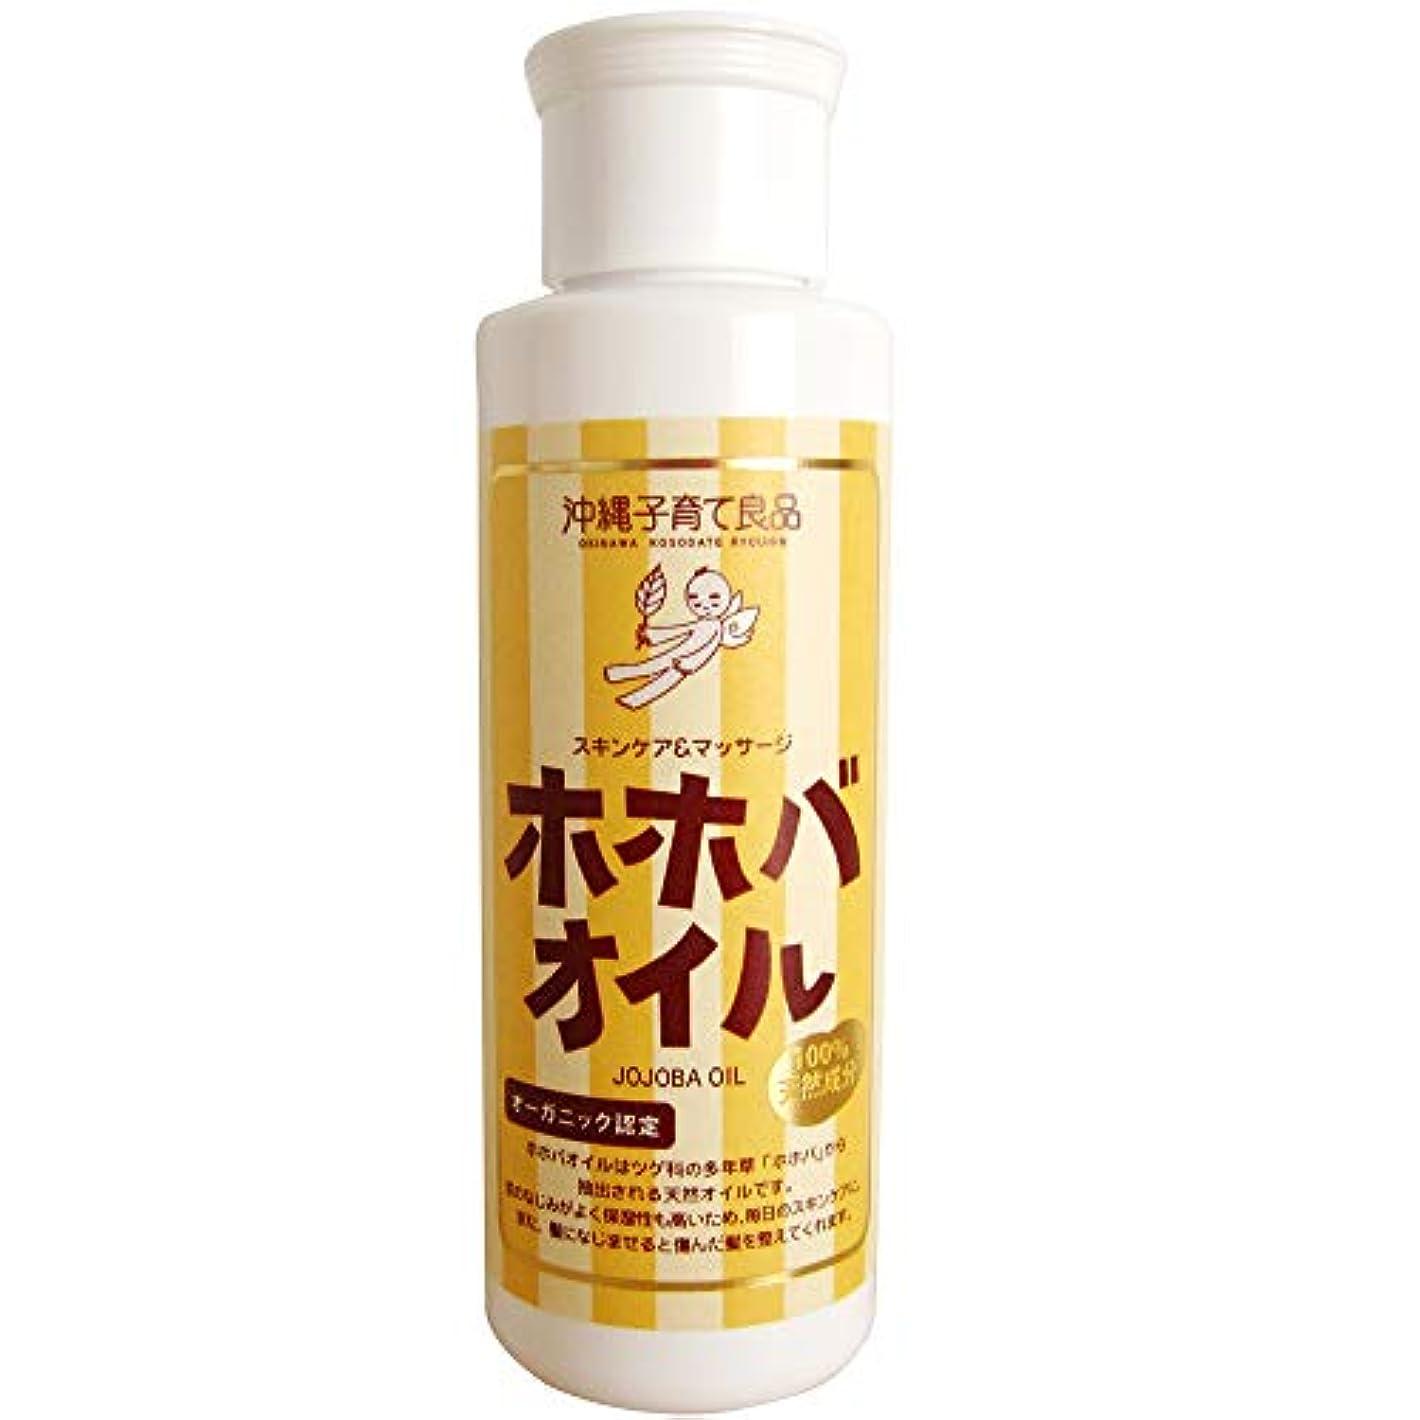 怪物線形習字ホホバオイル/jojoba oil (100ml)